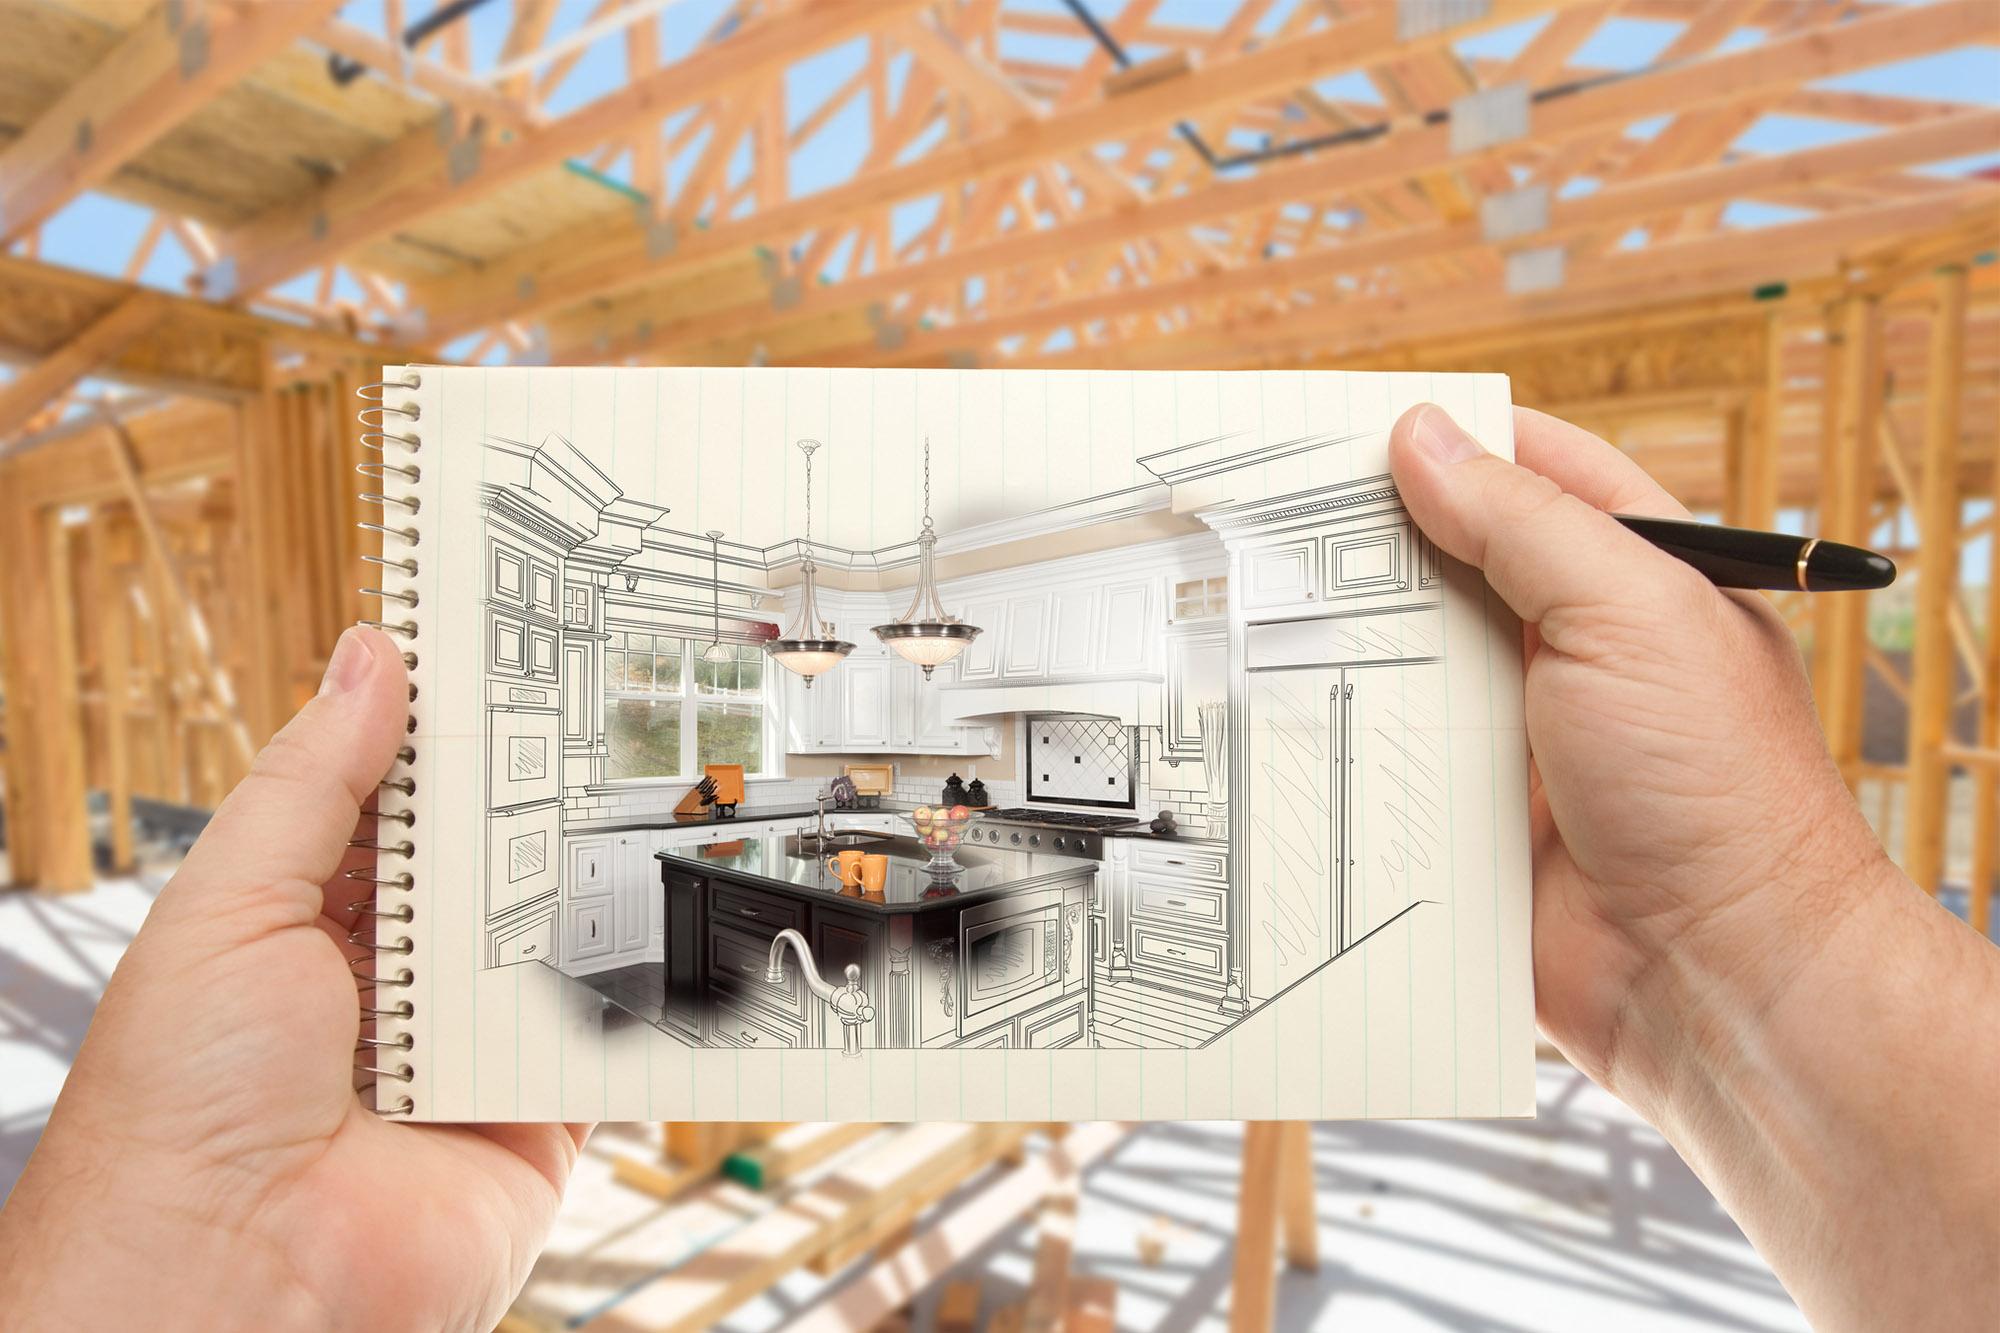 konyh tervezés és felújítás előtti kérdések